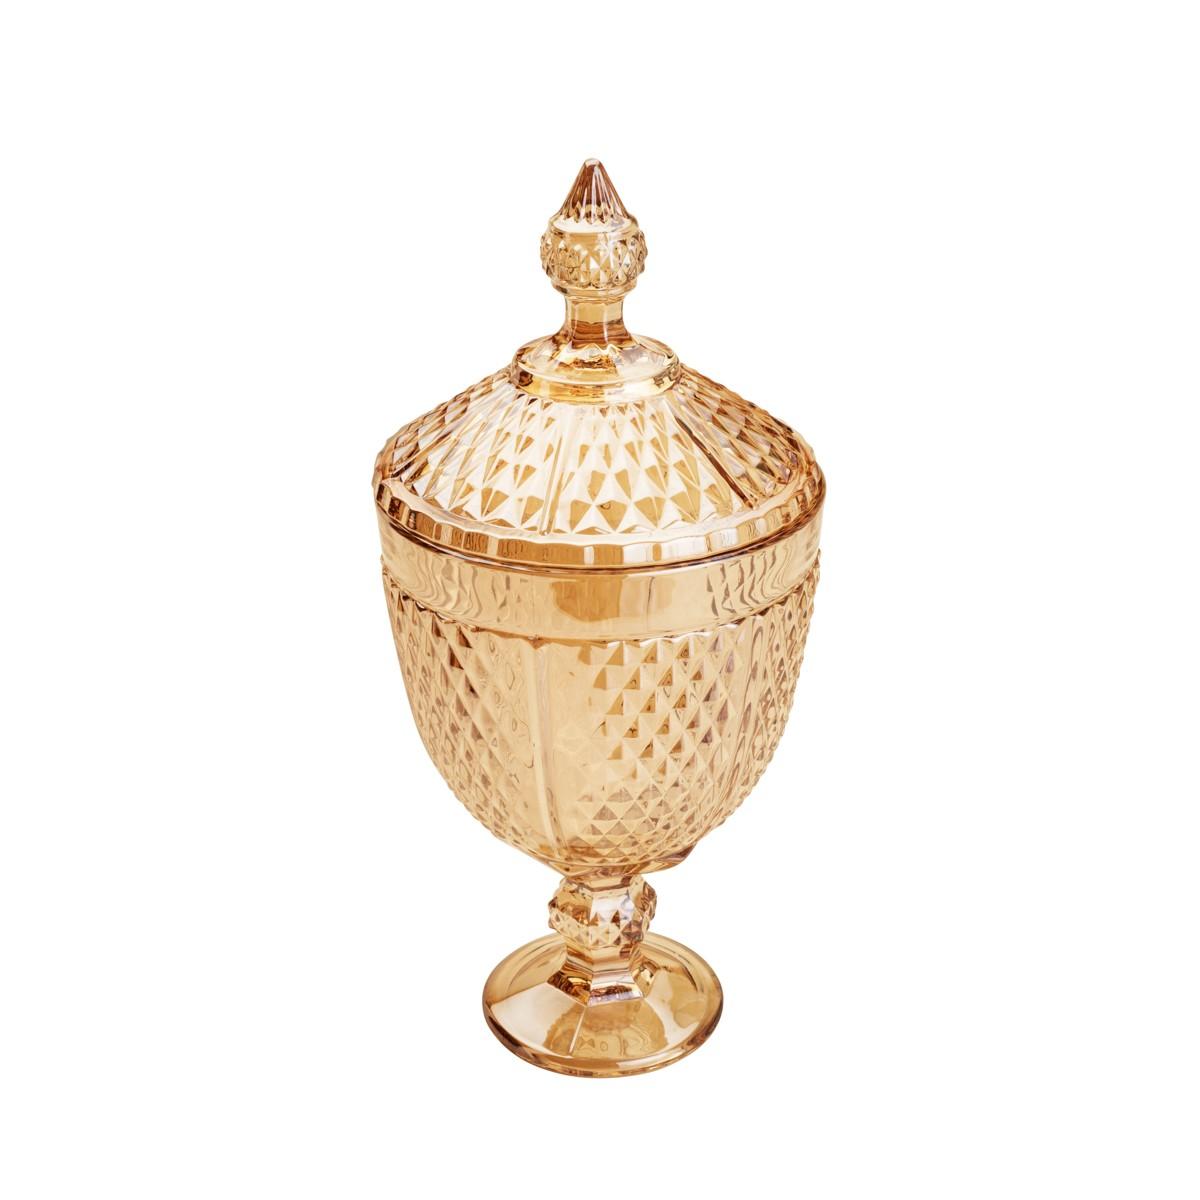 Bomboniere de Cristal 32cm Perseu Ambar 7228 - Lyor Decor